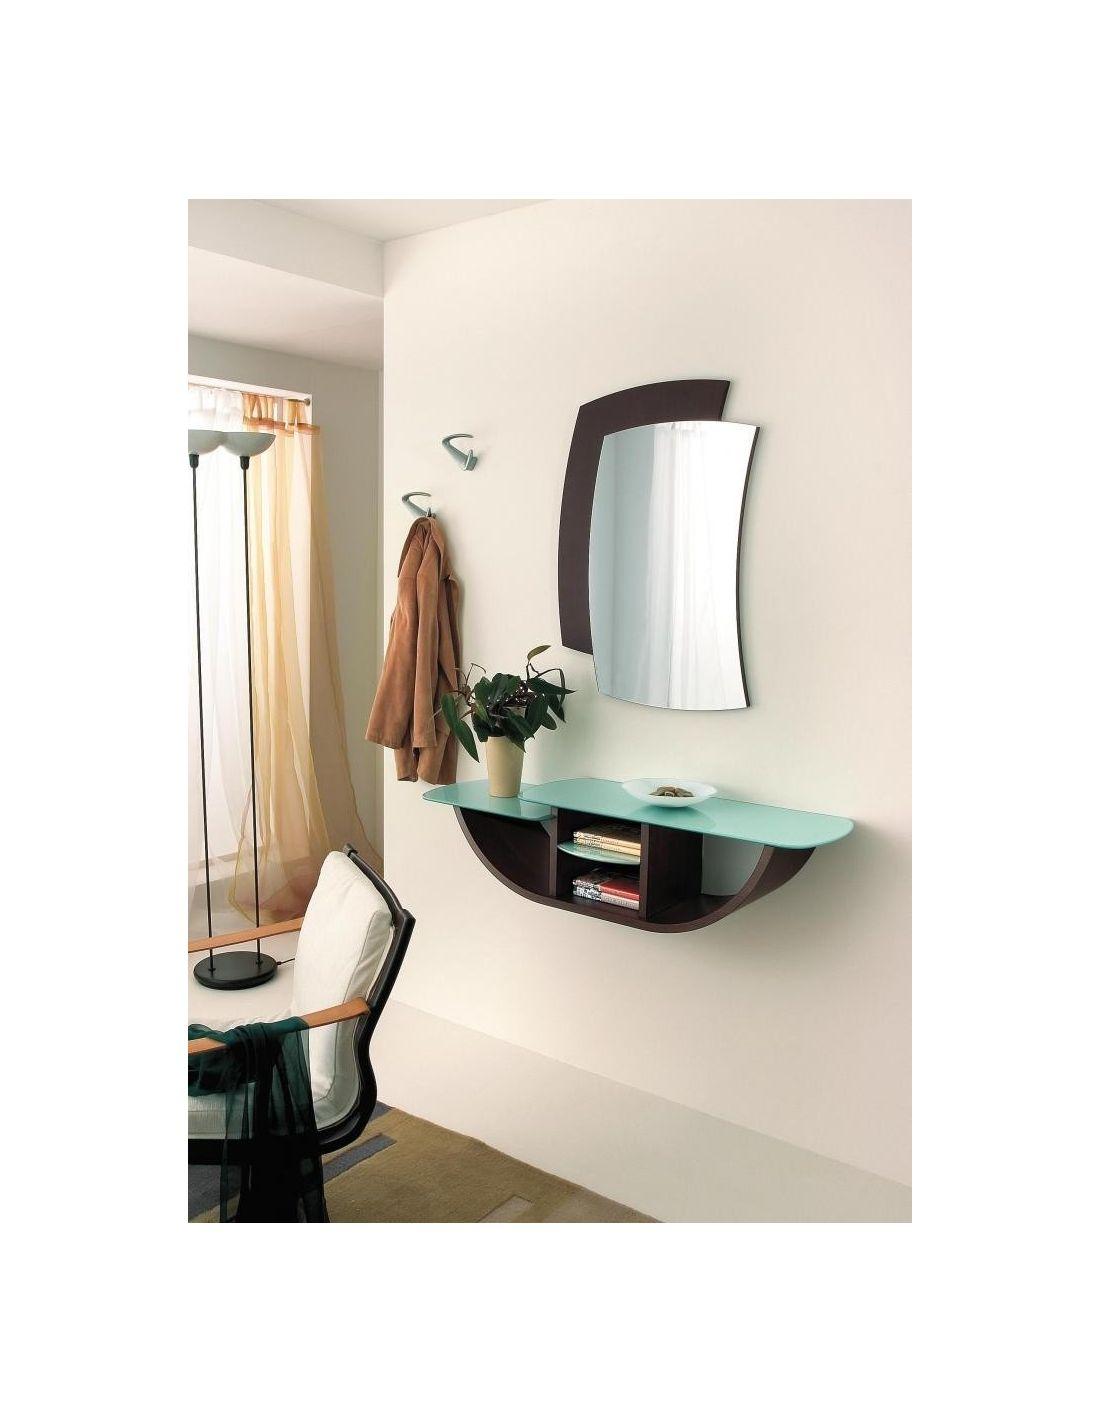 Yannick composizione per ingresso con consolle specchio for Entratina moderna